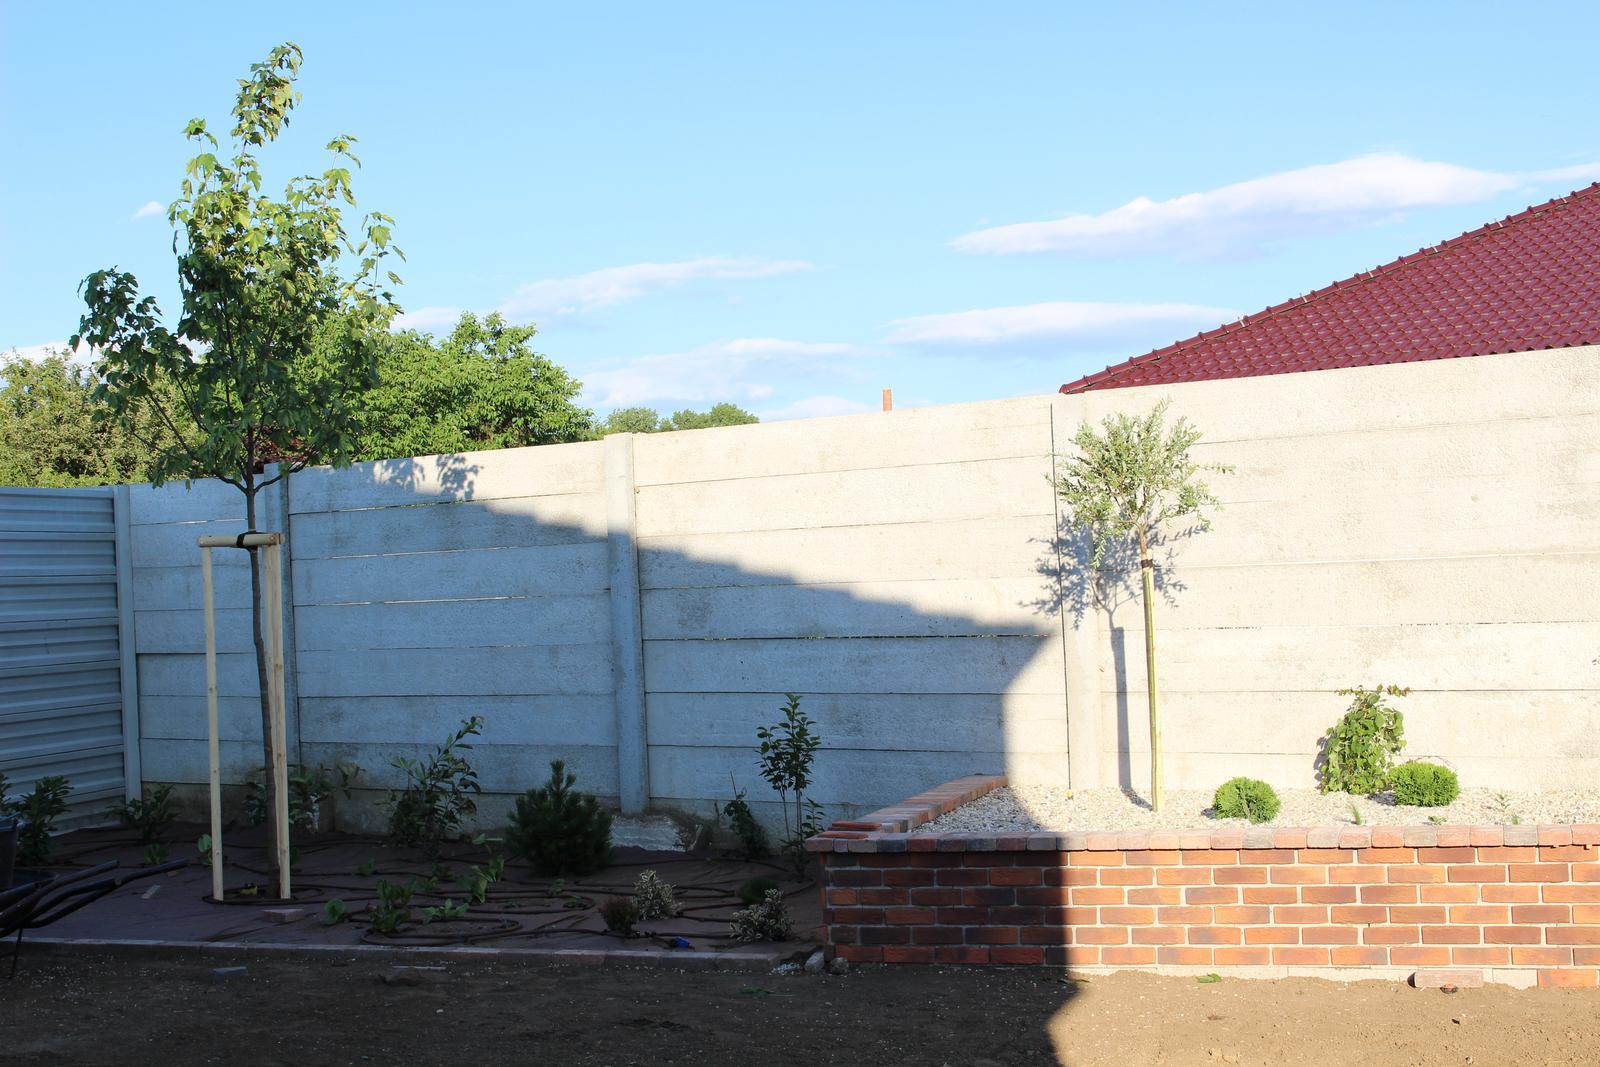 Exteriér - záhrada - Javor od Javorovcov a pod ním budúca džungľa